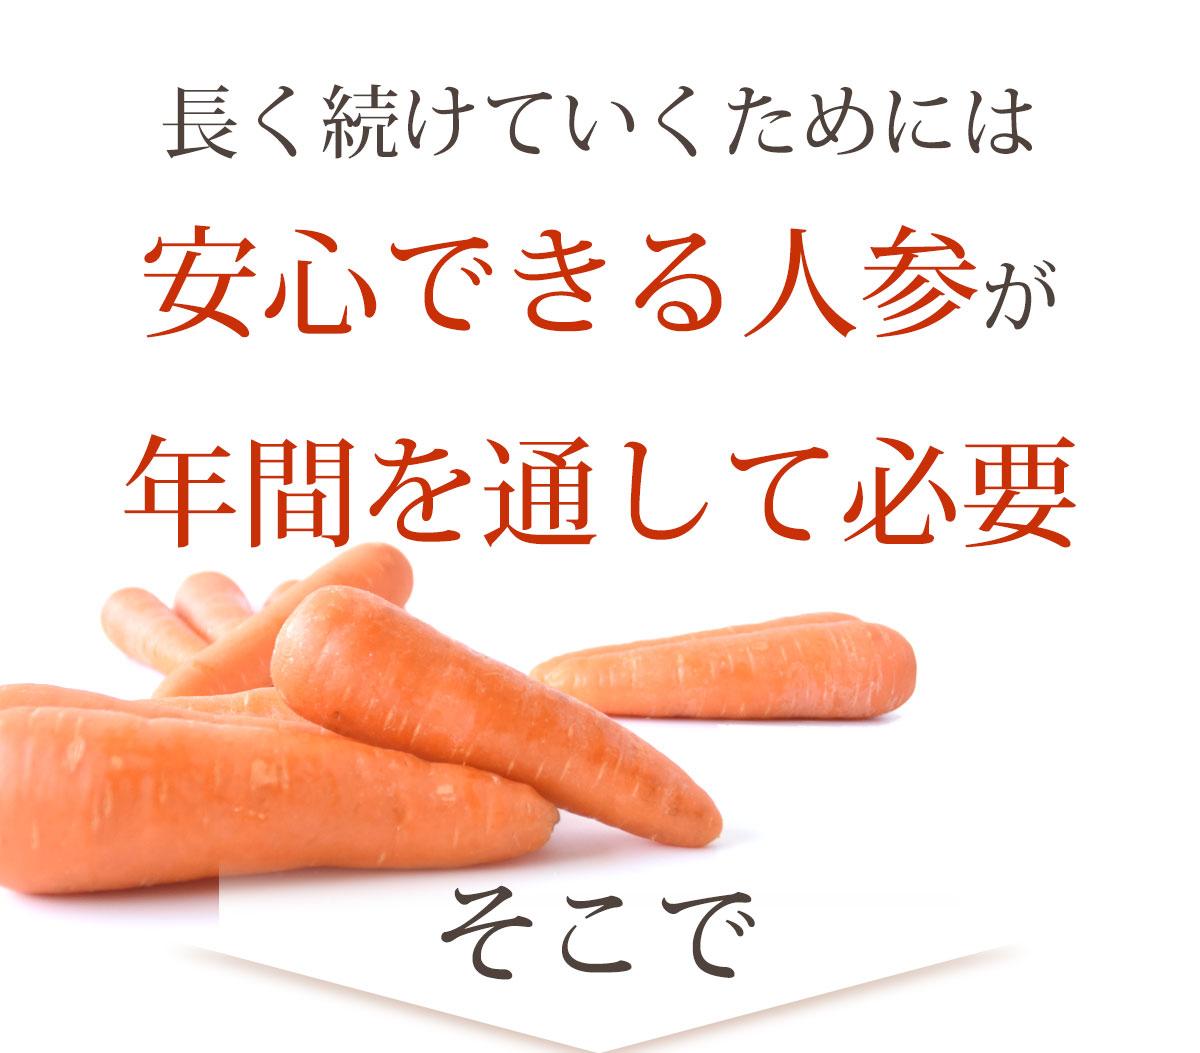 無農薬にんじん 13kg 【送料無料】 【訳あり】 【無農薬栽培】 【にんじんジュース】